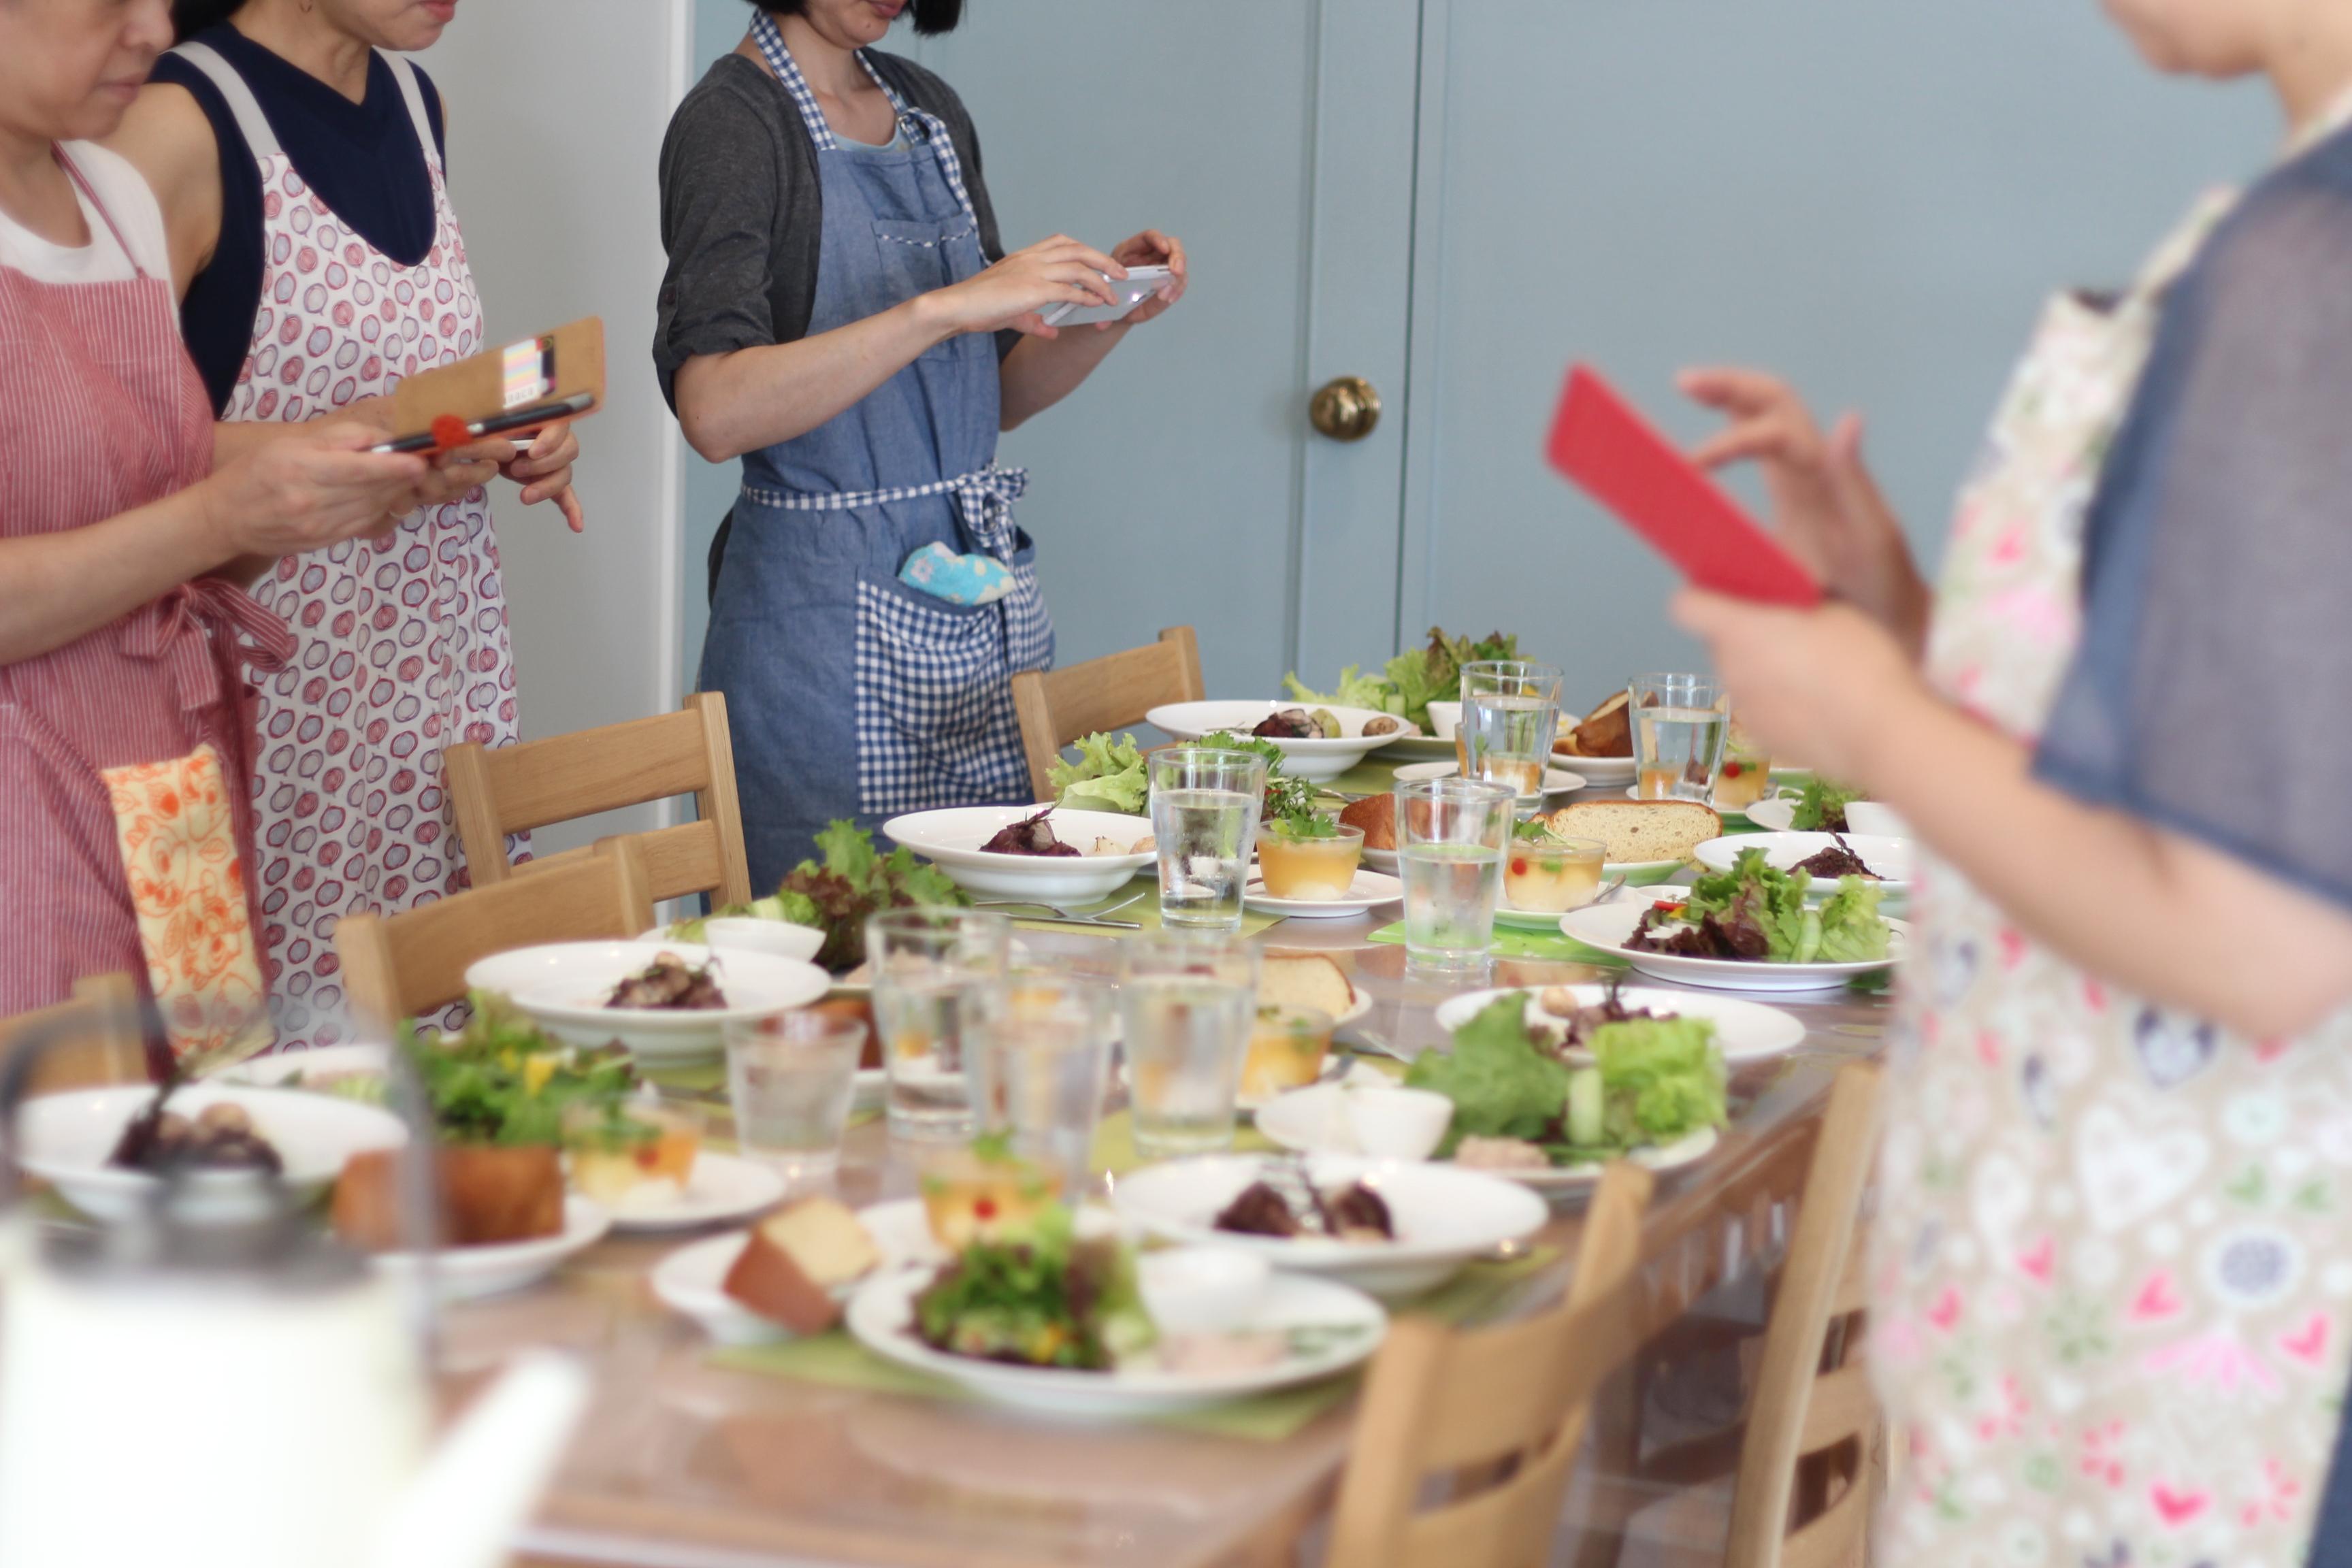 a-ta-sante糖質制限パン料理教室。大阪市阿倍野区。おしゃれで楽しい低糖質料理教室7月初日。テーマは、フランス料理。